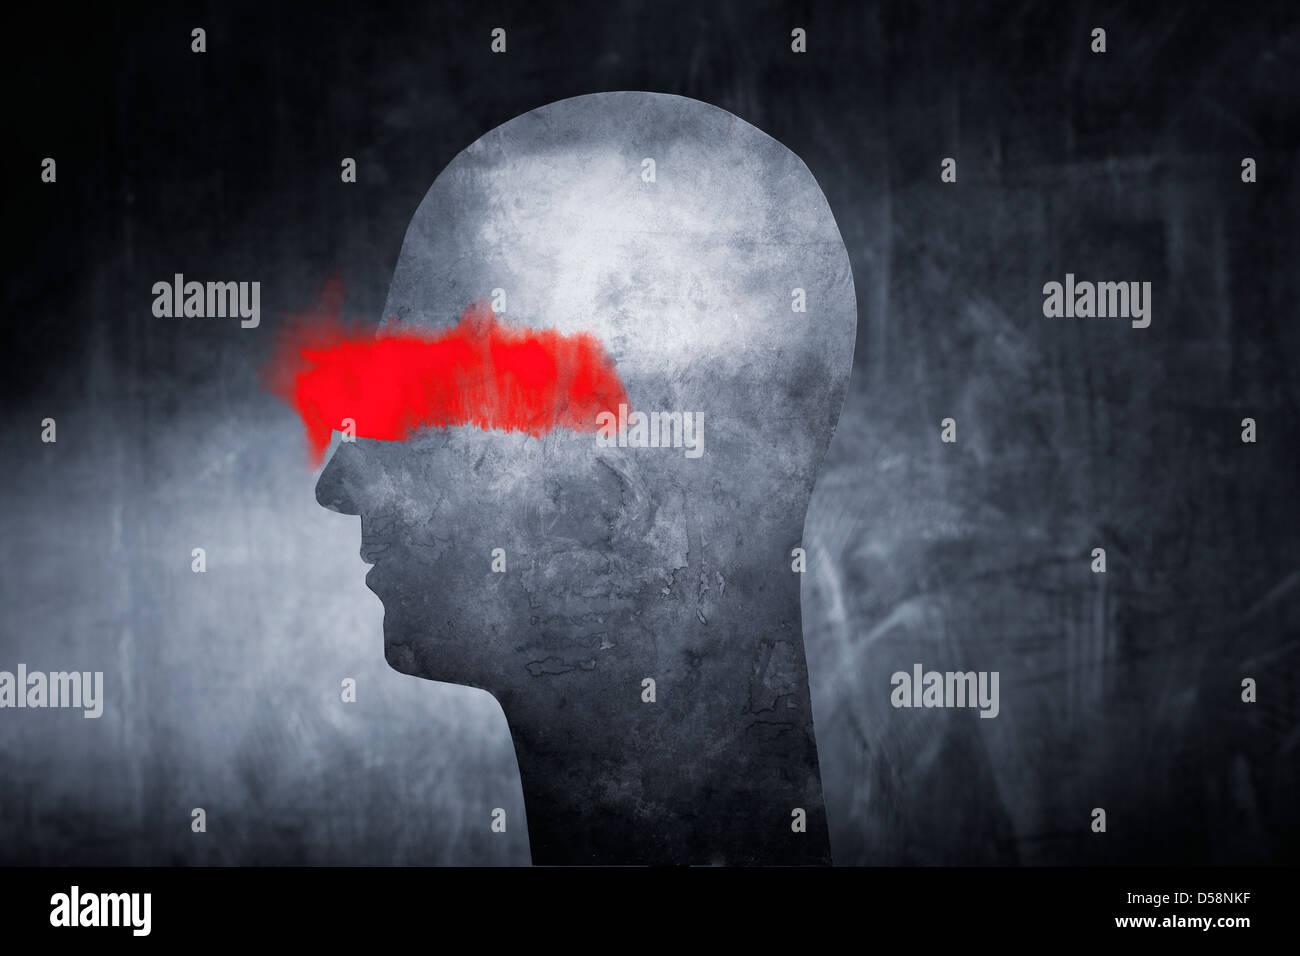 Konzeptbild von einer abstrakten Kopf mit roter Farbe über den Augen. Stockbild